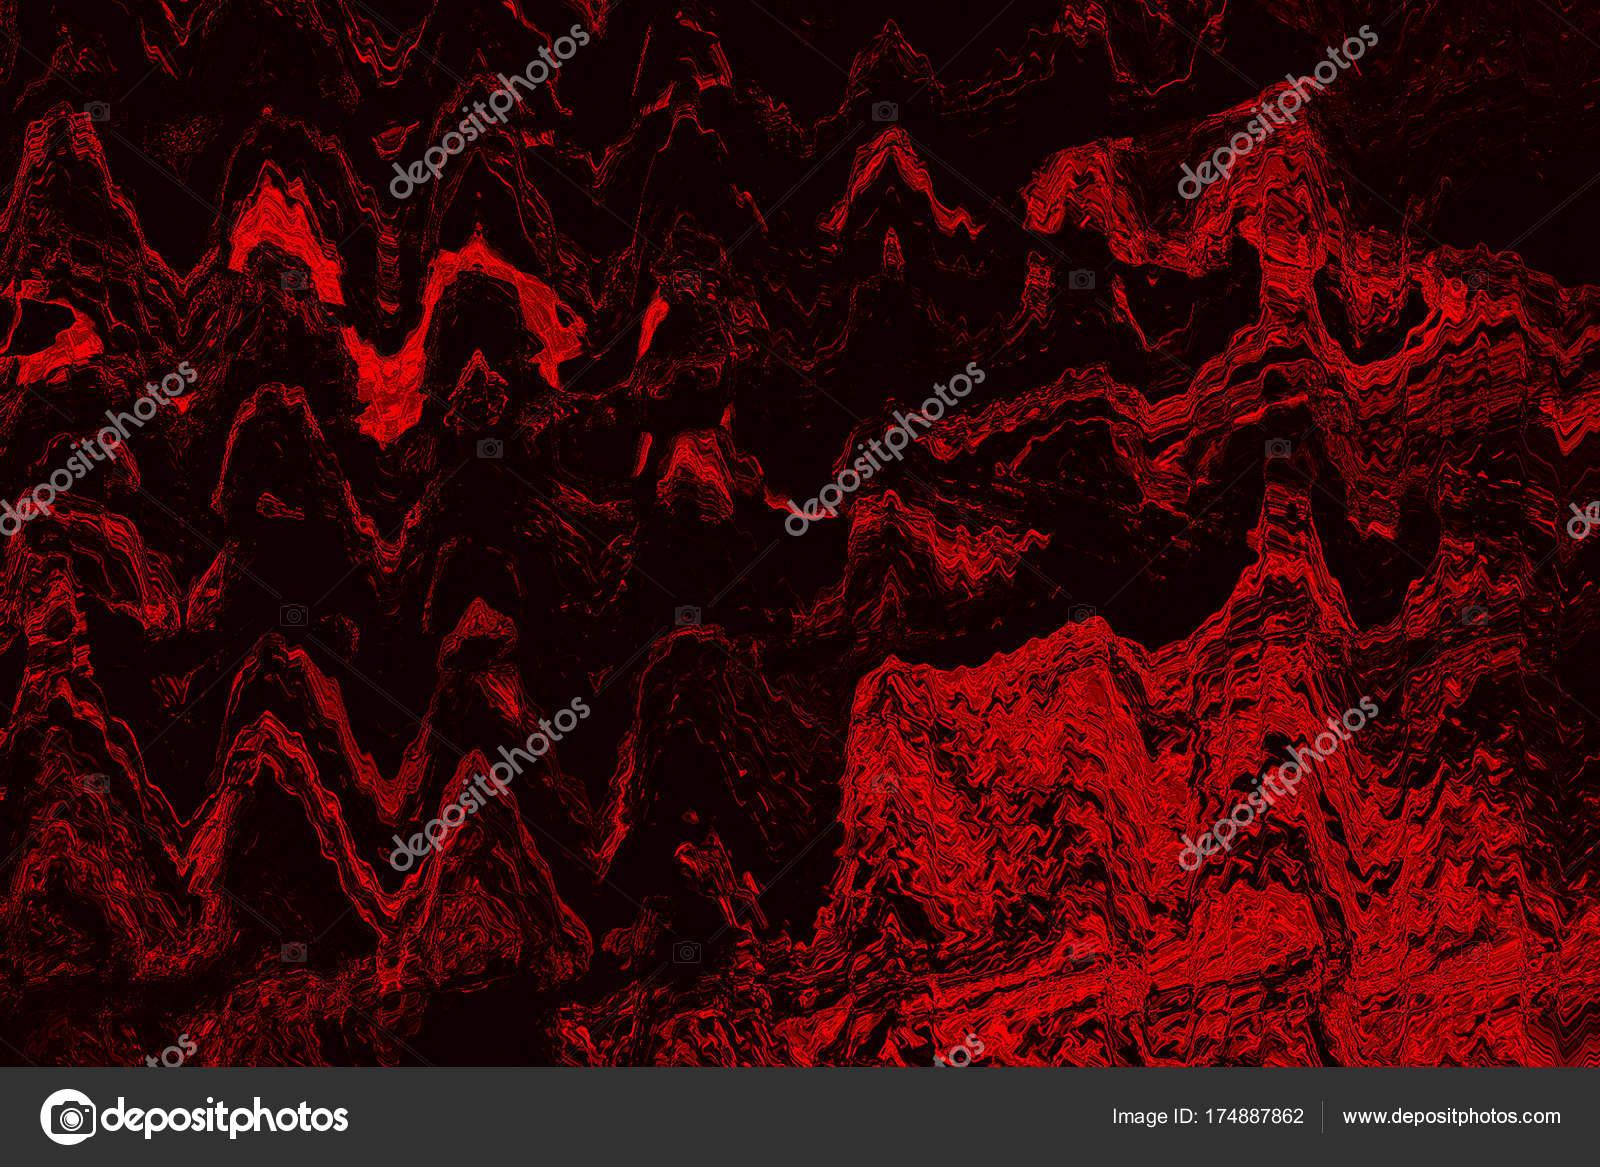 Rottöne Farbpalette grunge-bunte einfarbige rottöne-hintergrund — stockfoto